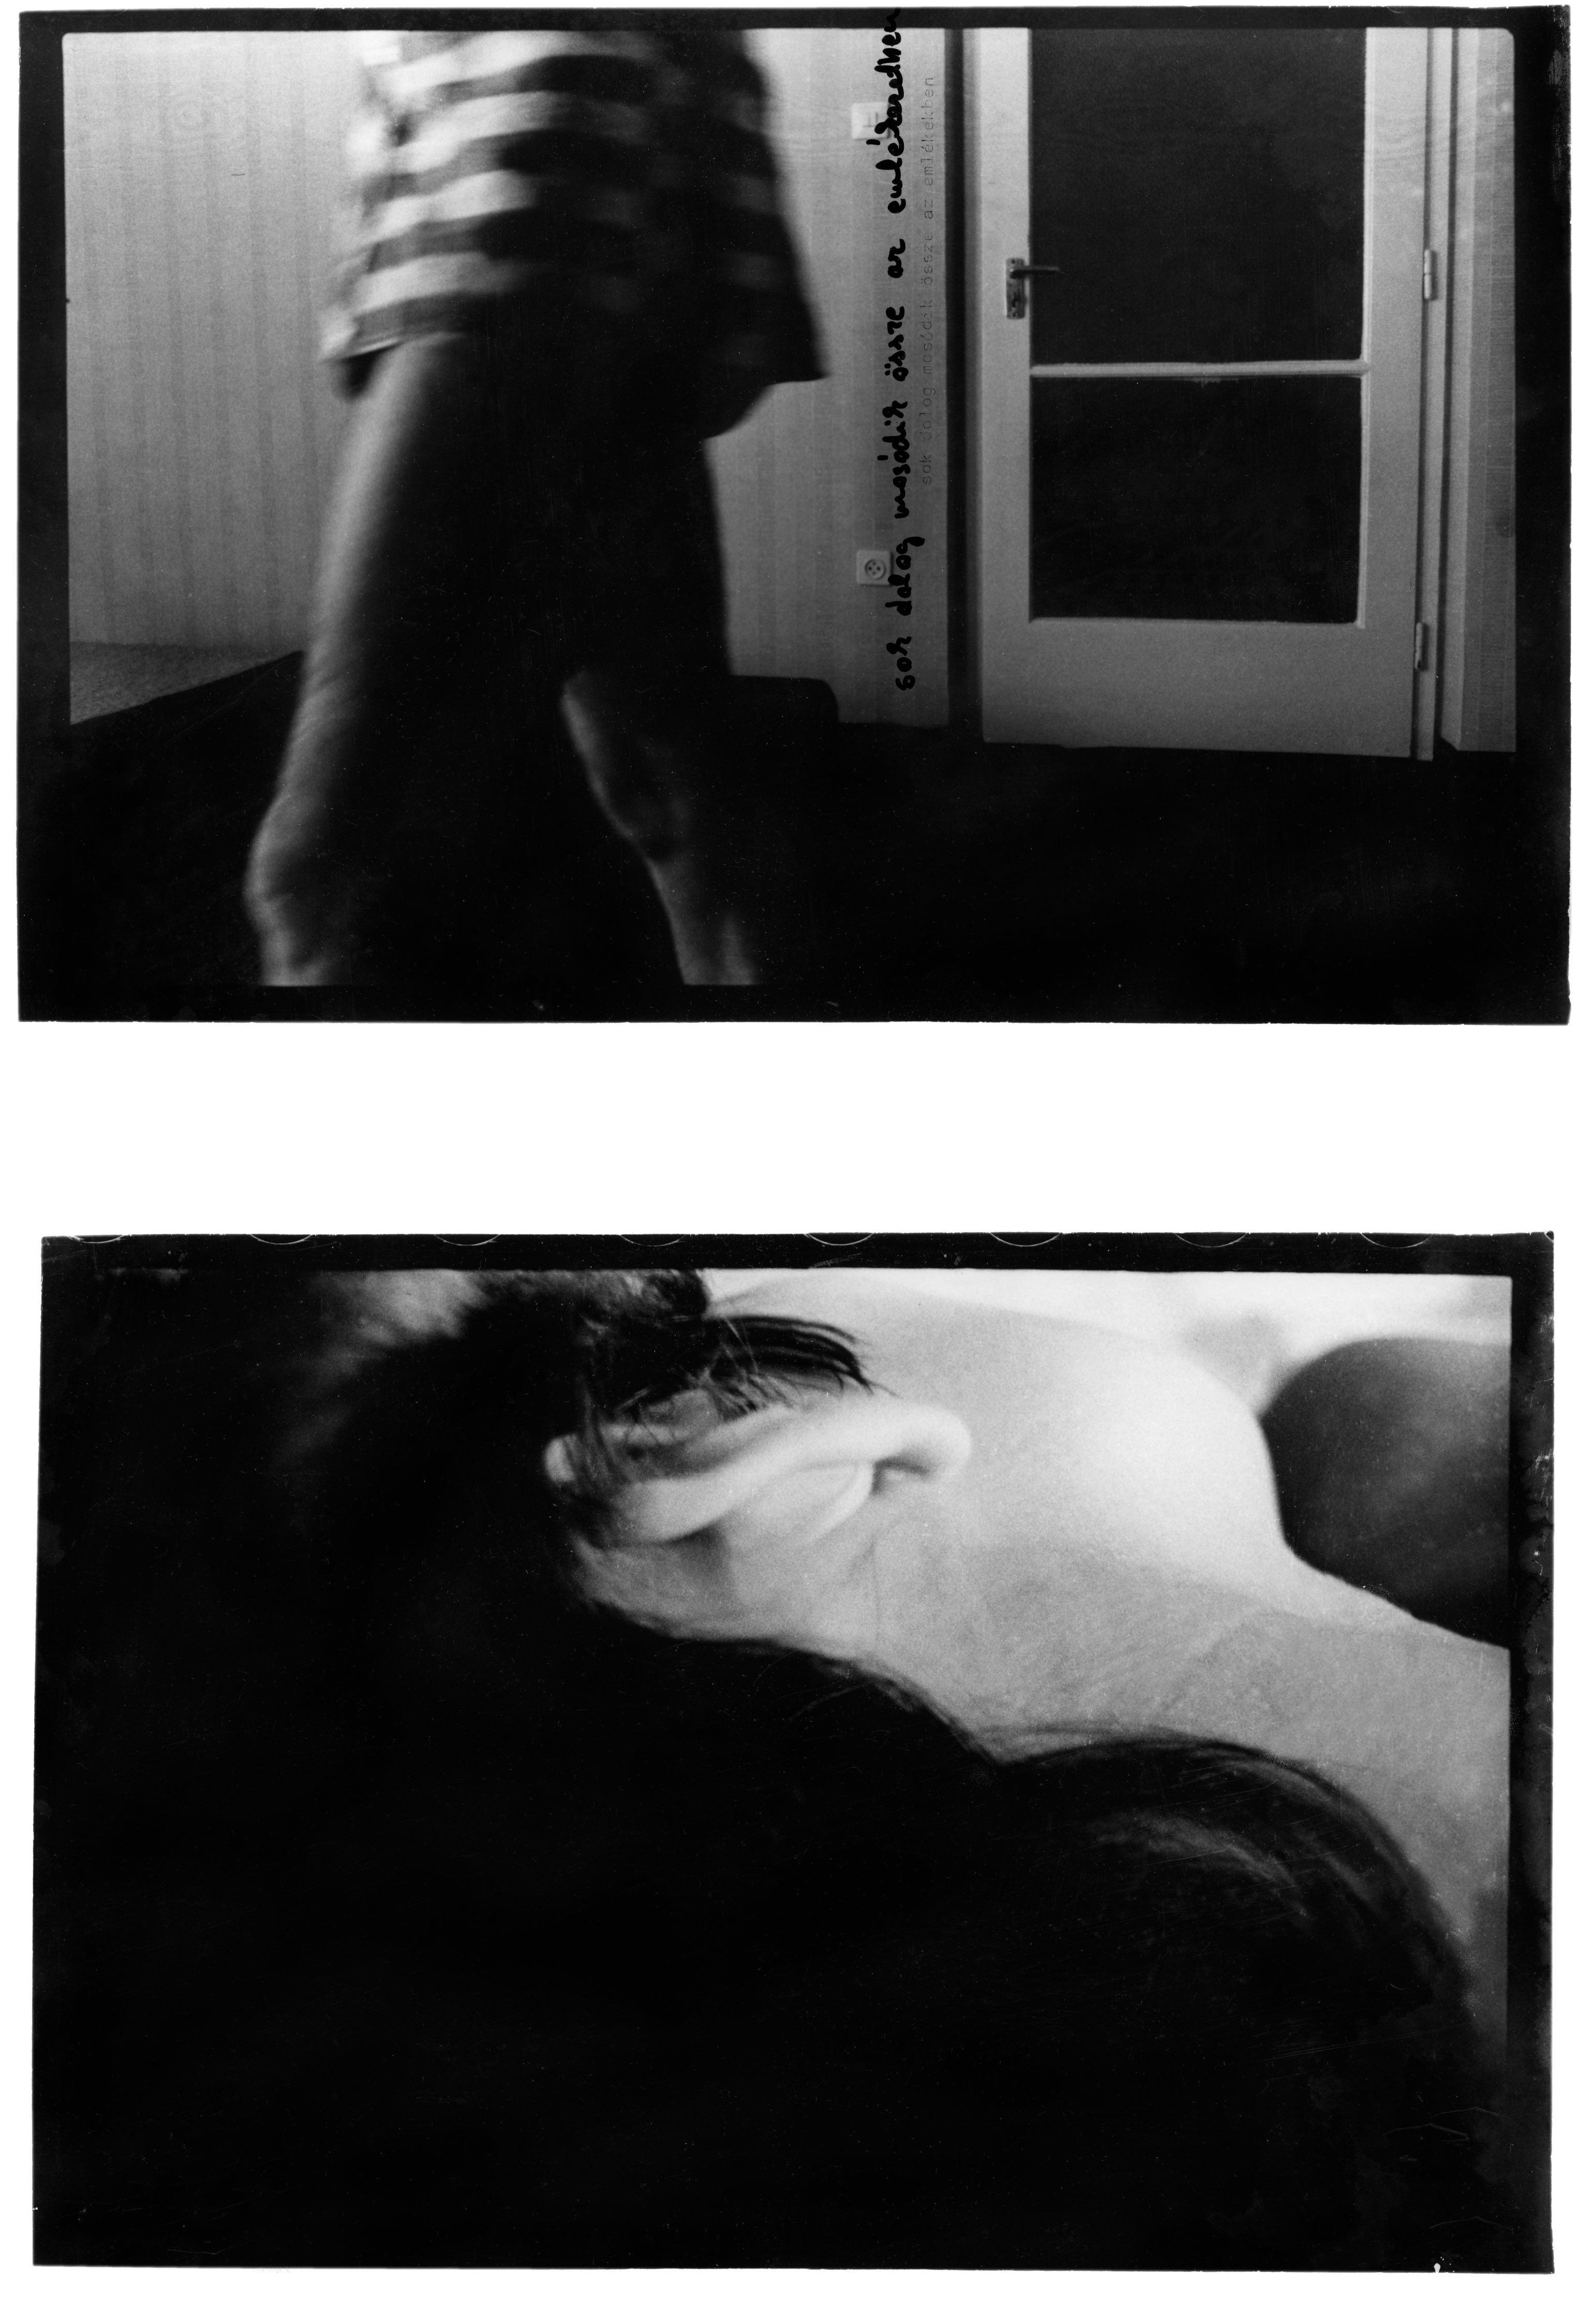 Fotó: Géczi János – Molnár László: Fotóregény, 1980. Művészetek Háza, Veszprém, 2018. 90. o.